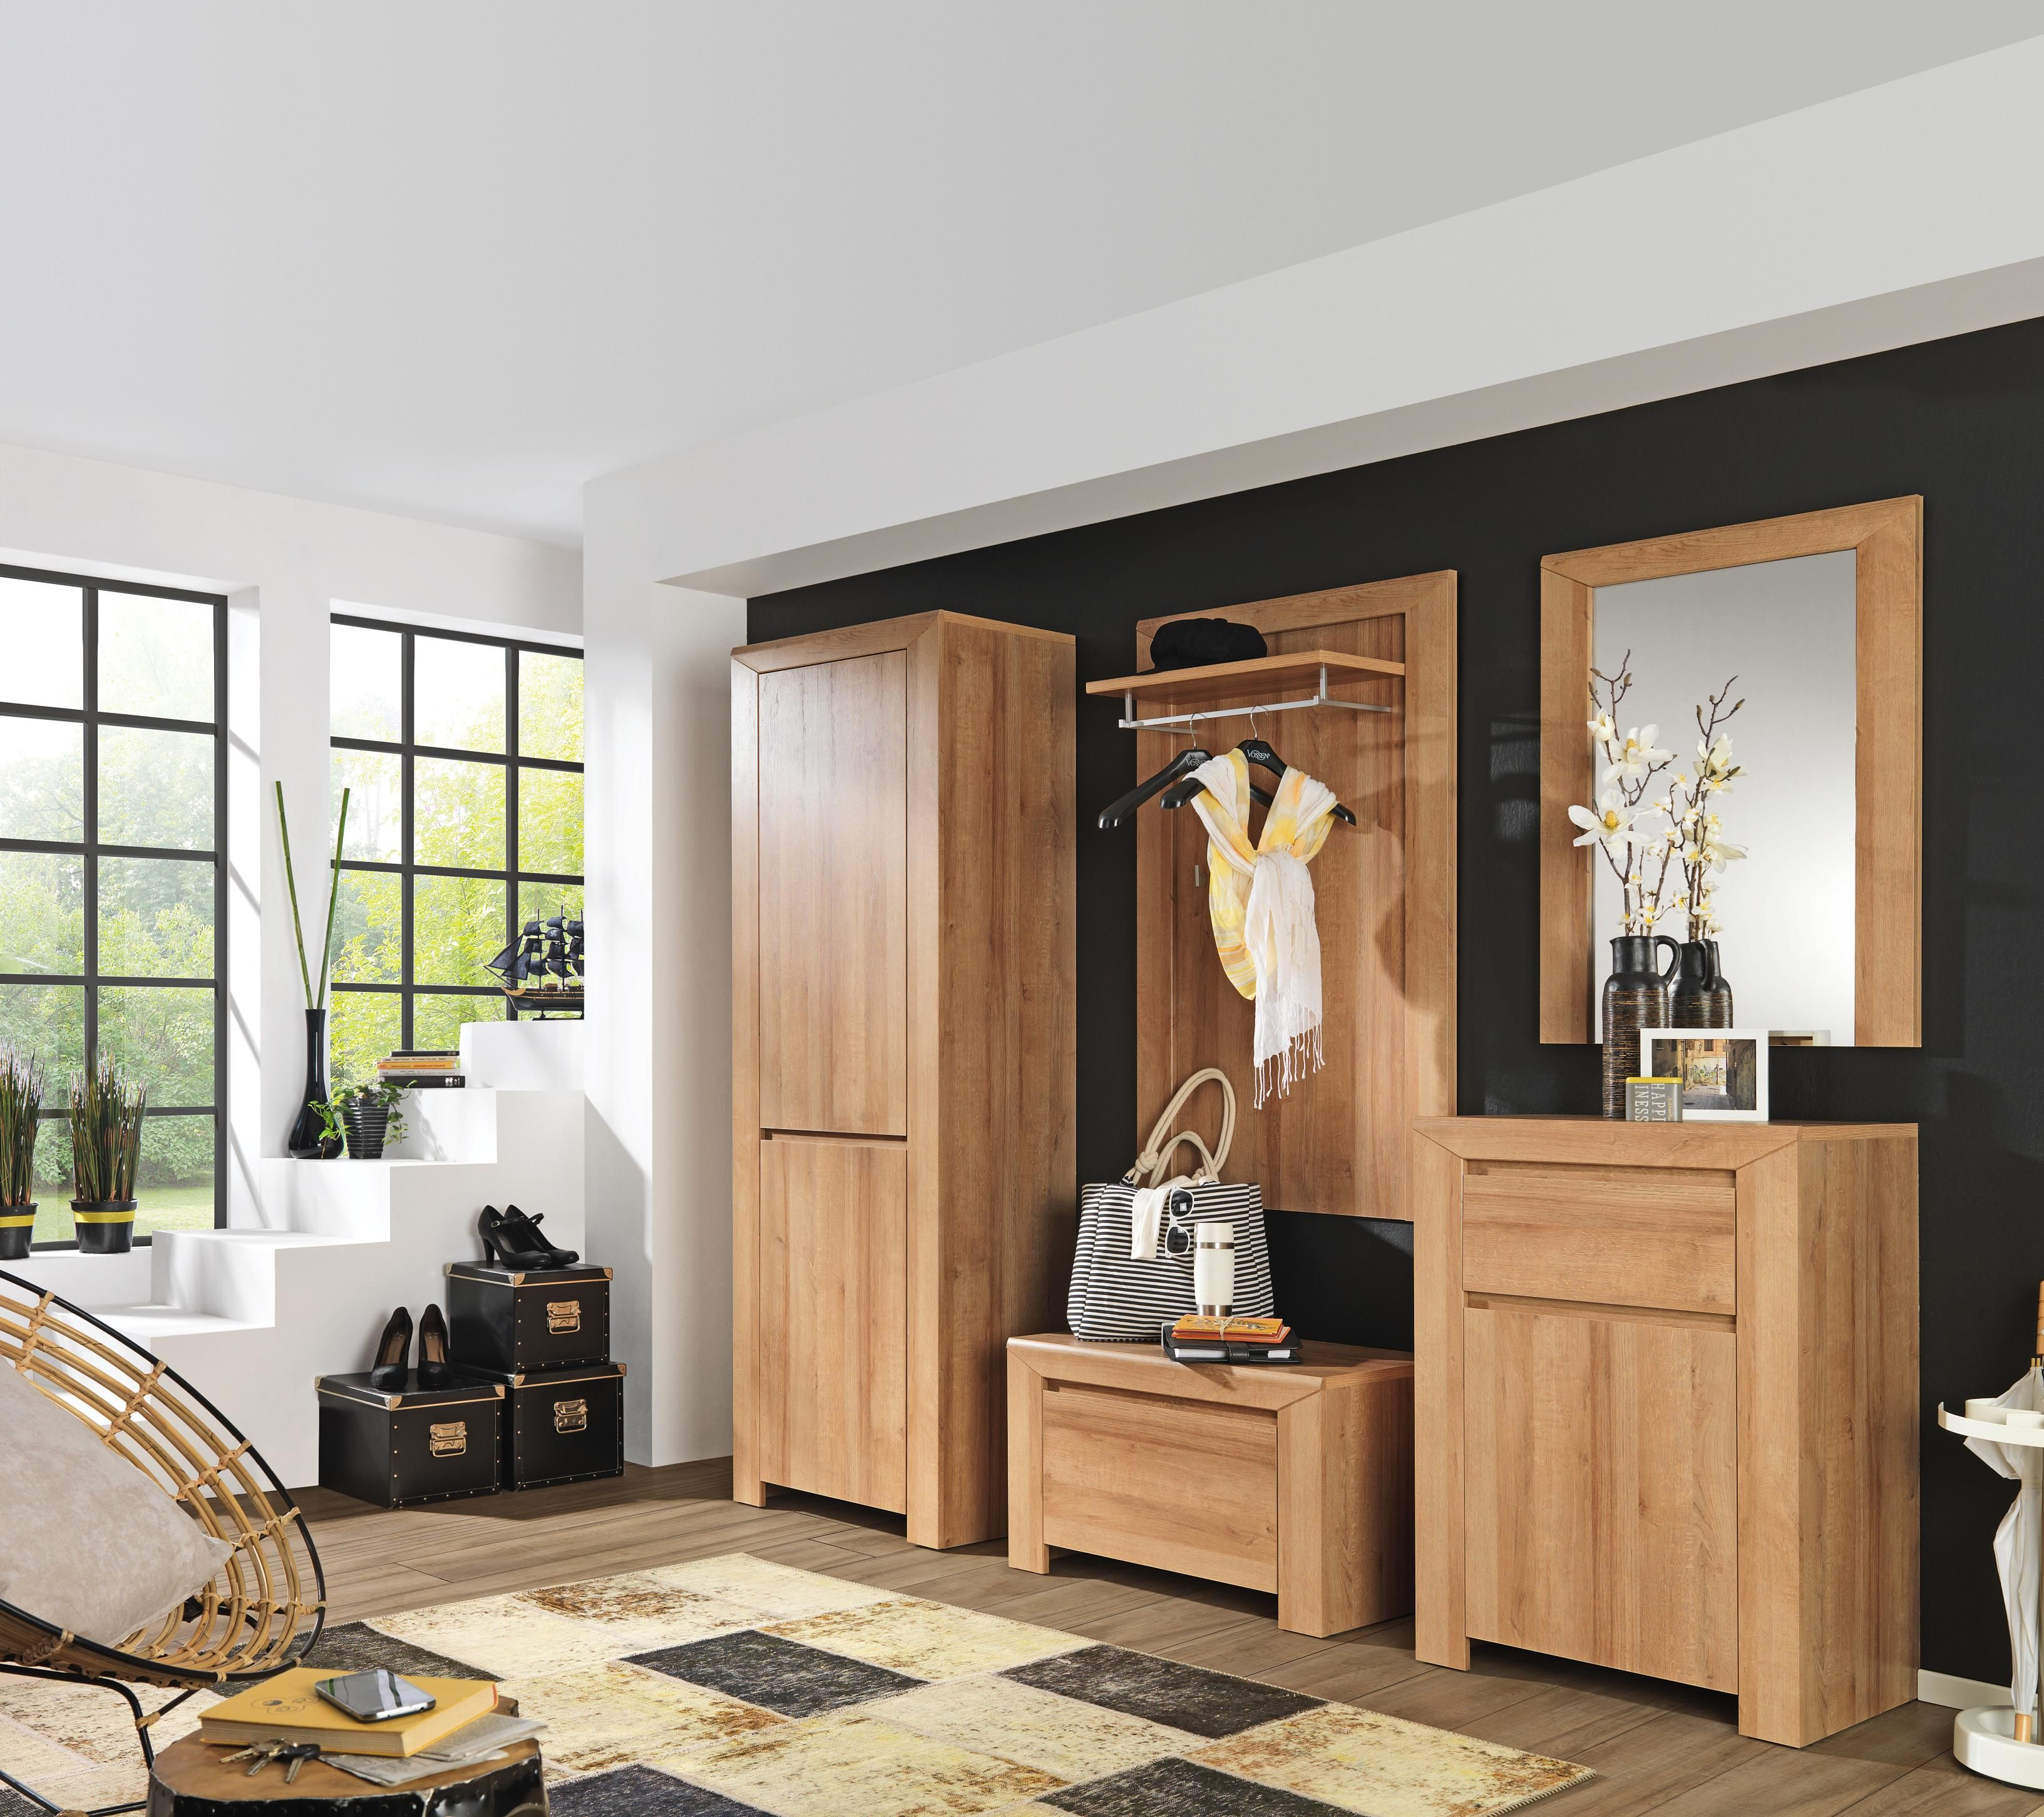 Garderobe Von Xora Garderobe Gaderobe Vorzimmer